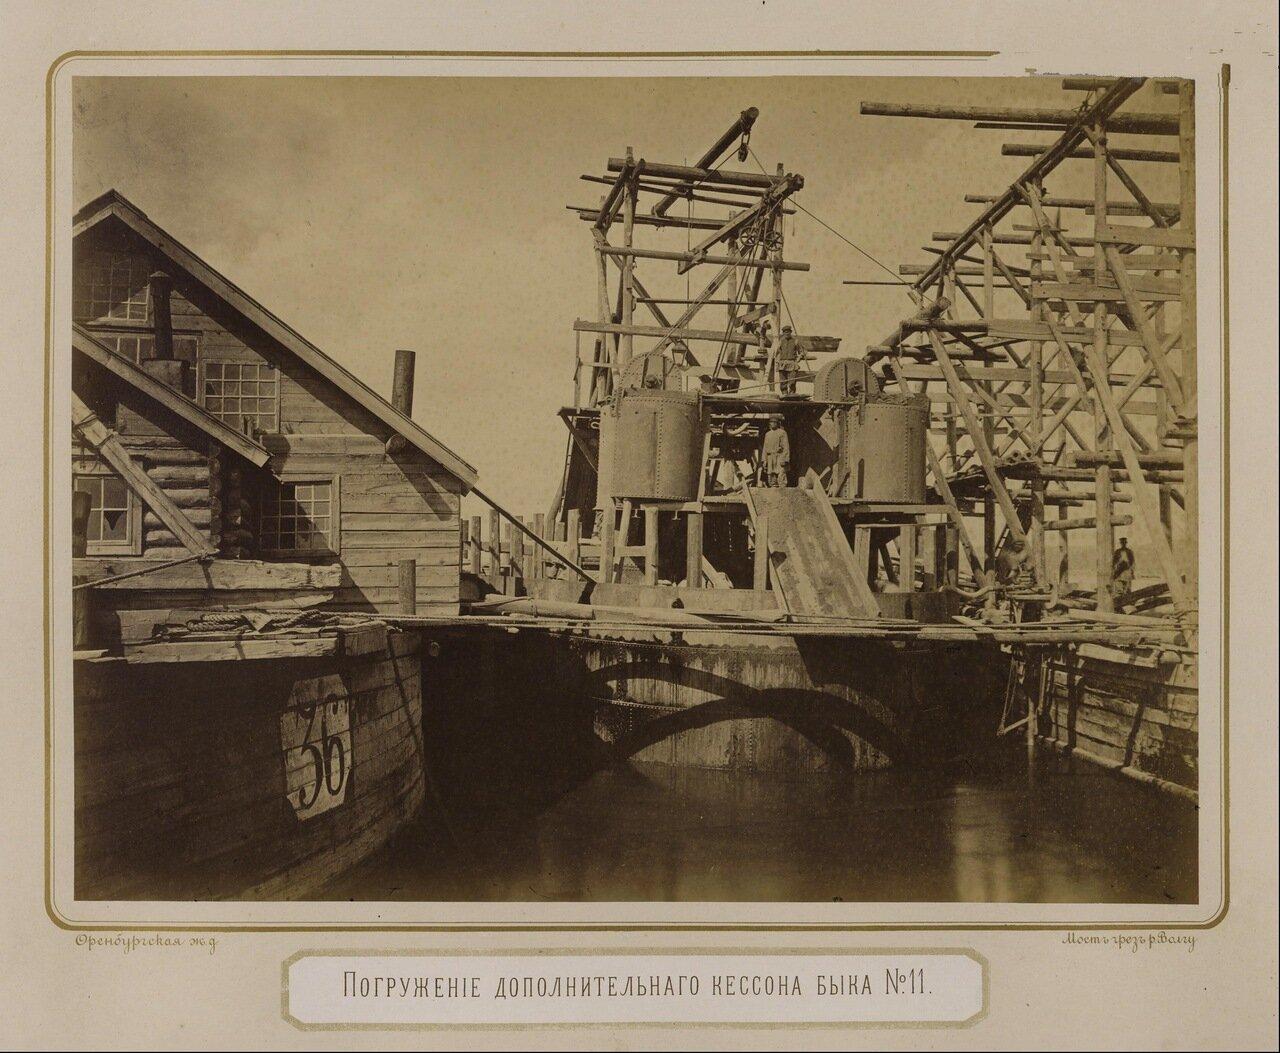 Погружение дополнительного кессона быка № 1. Мост через Волгу. Оренбургская ж.д.